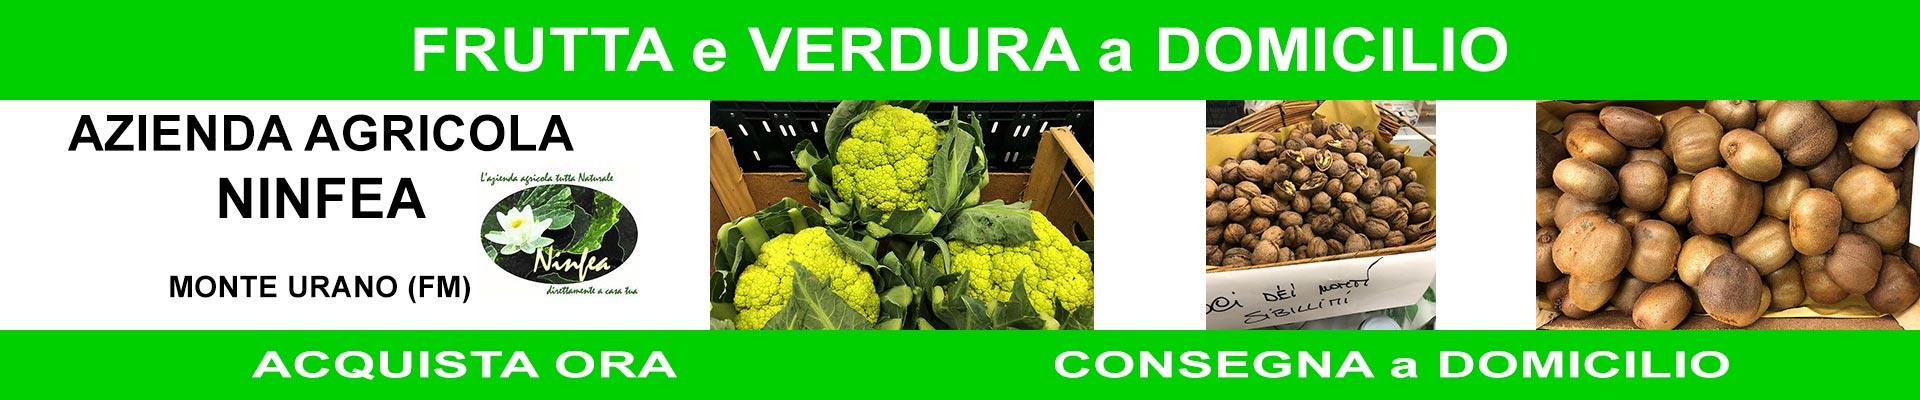 Azienda Agricola Ninfea - Dicembre 2020